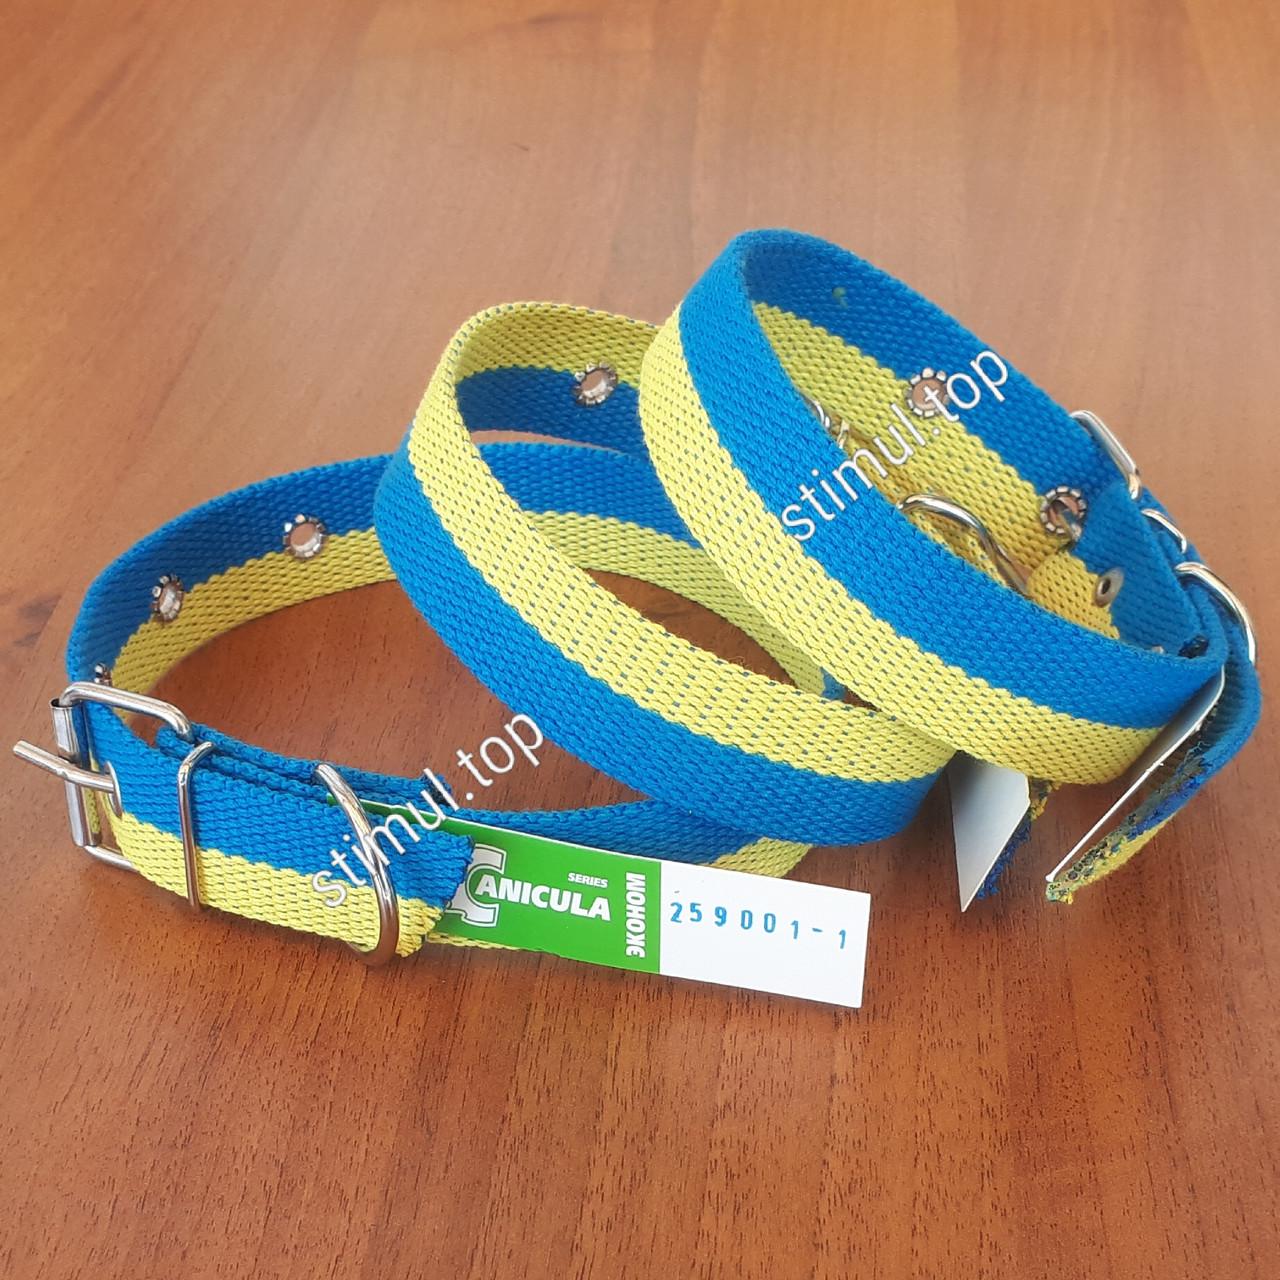 """Ошейник двойной 30 мм х 600 мм """"Патриот"""" ТМ Canicula / жёлто-голубой /двухцветный / ошийник для собак"""